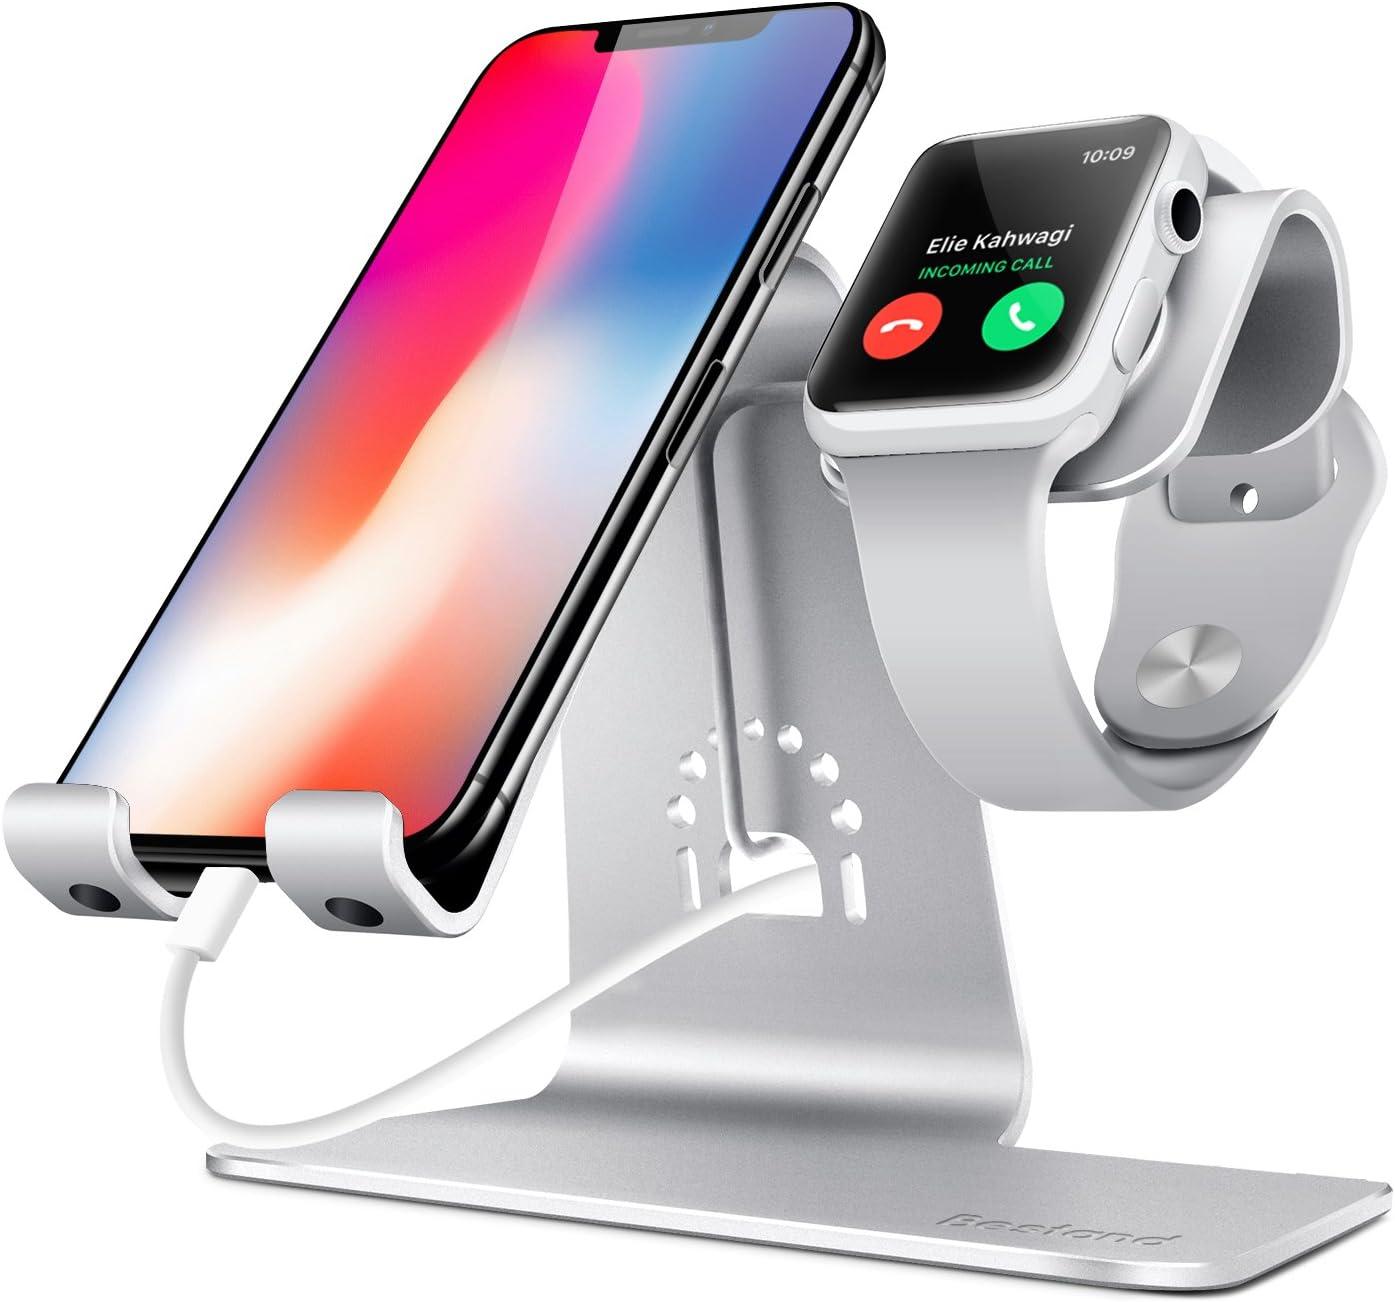 Bestand - Soporte Dual Móvil y Reloj, Aluminio Stand para Teléfonos/Apple Watch, BQ/ Sumsung / iPhone / iPad y Relojes – Plata